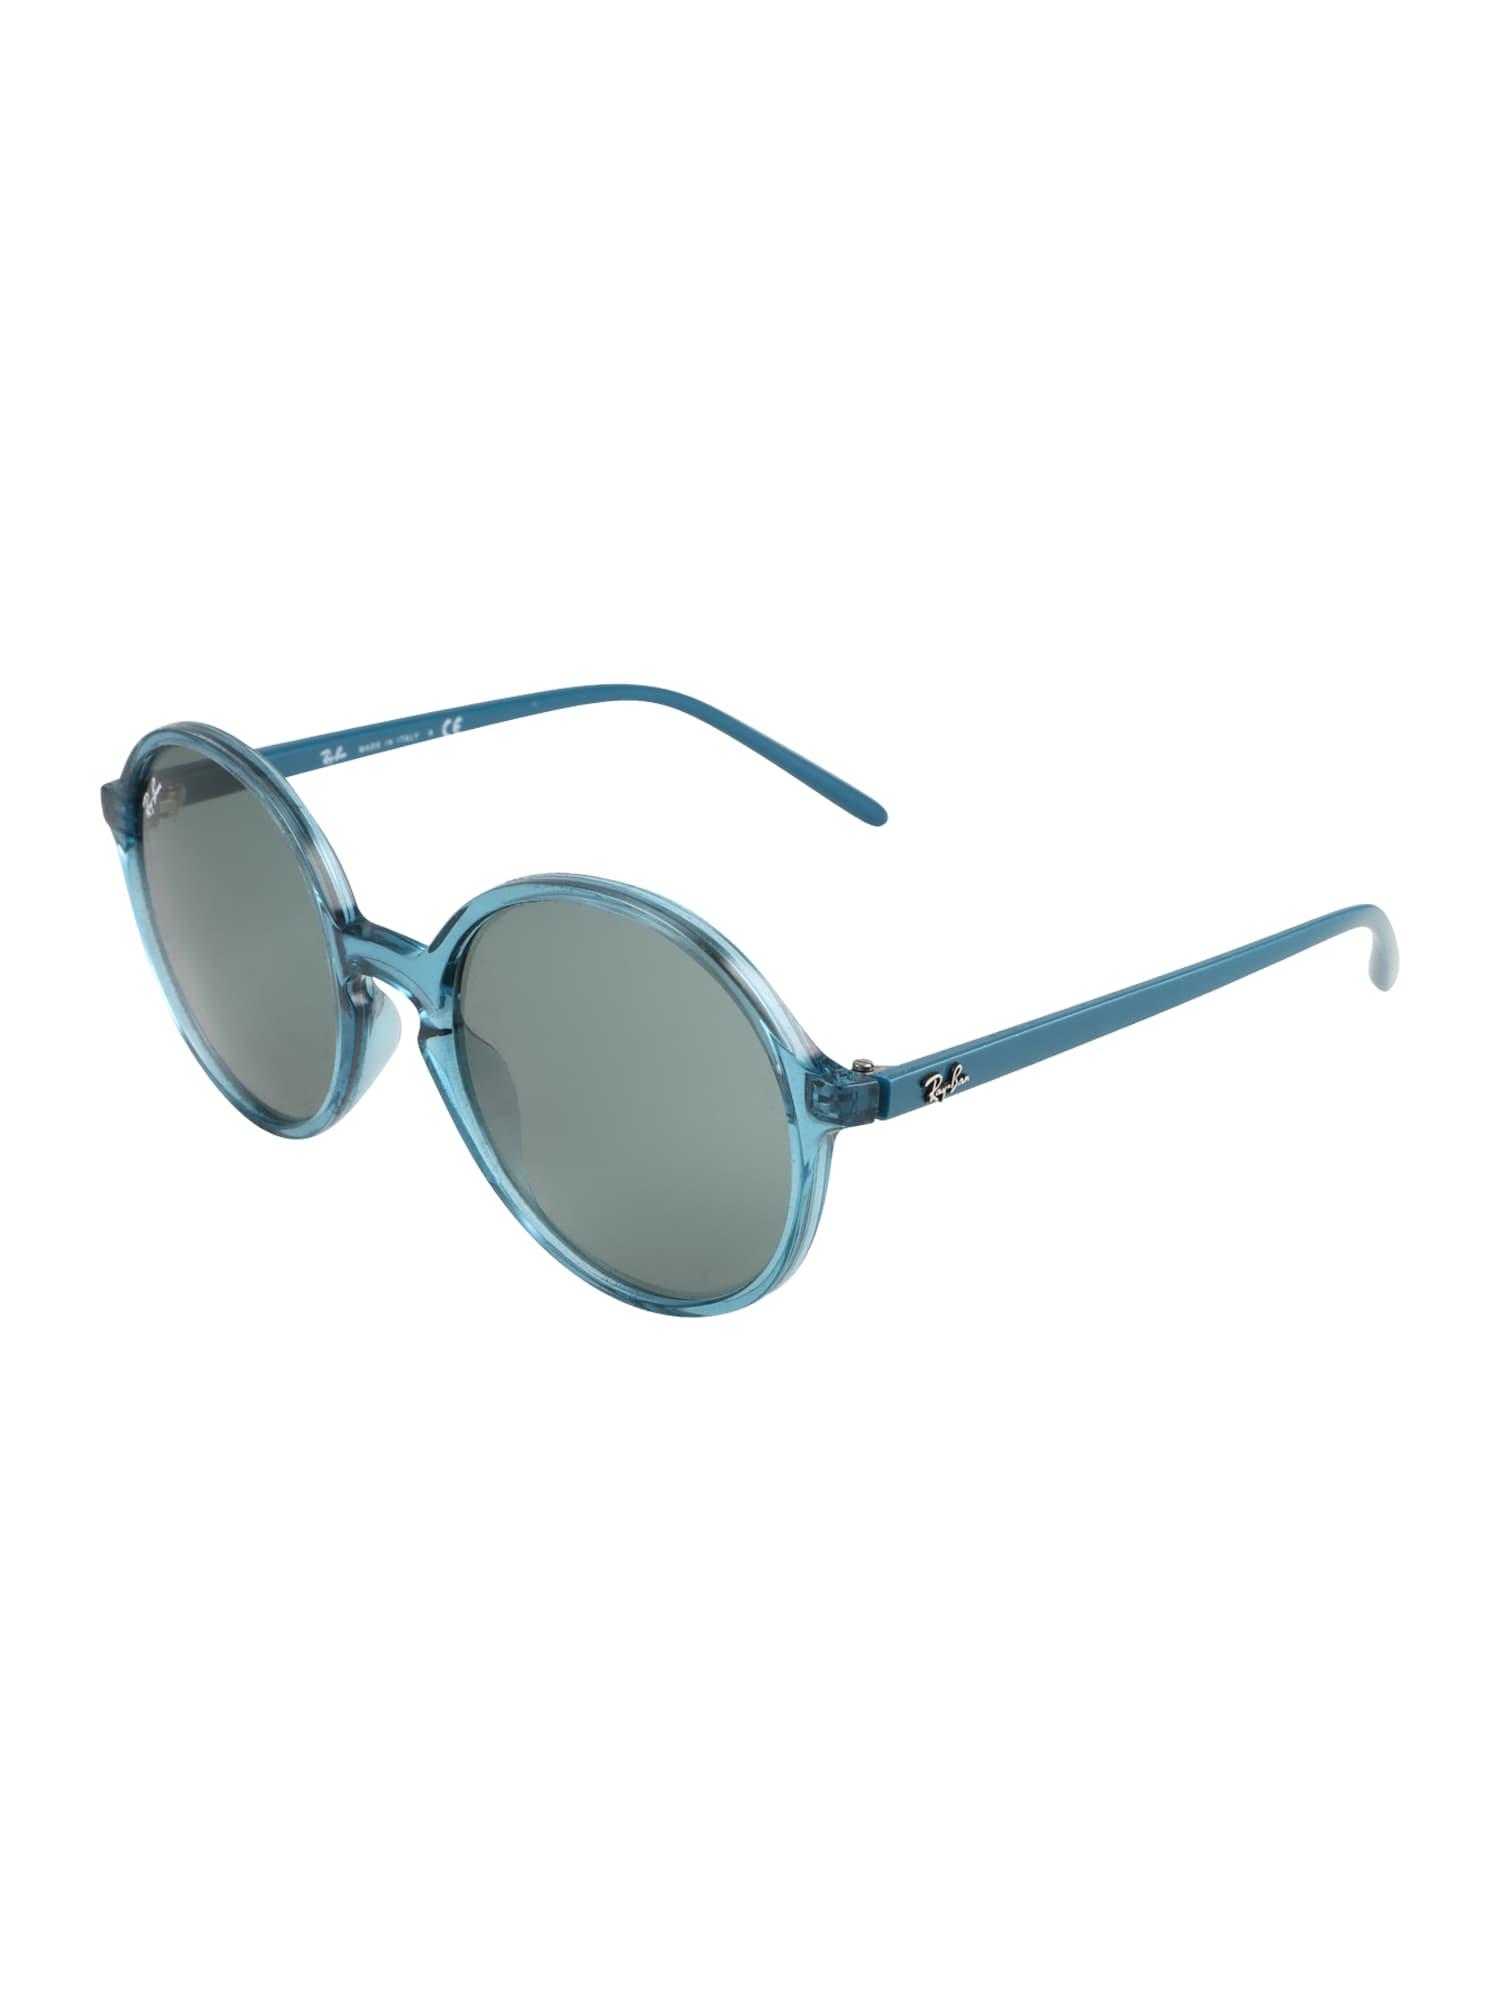 Ray-Ban Akiniai nuo saulės mėlyna / skaidri spalva